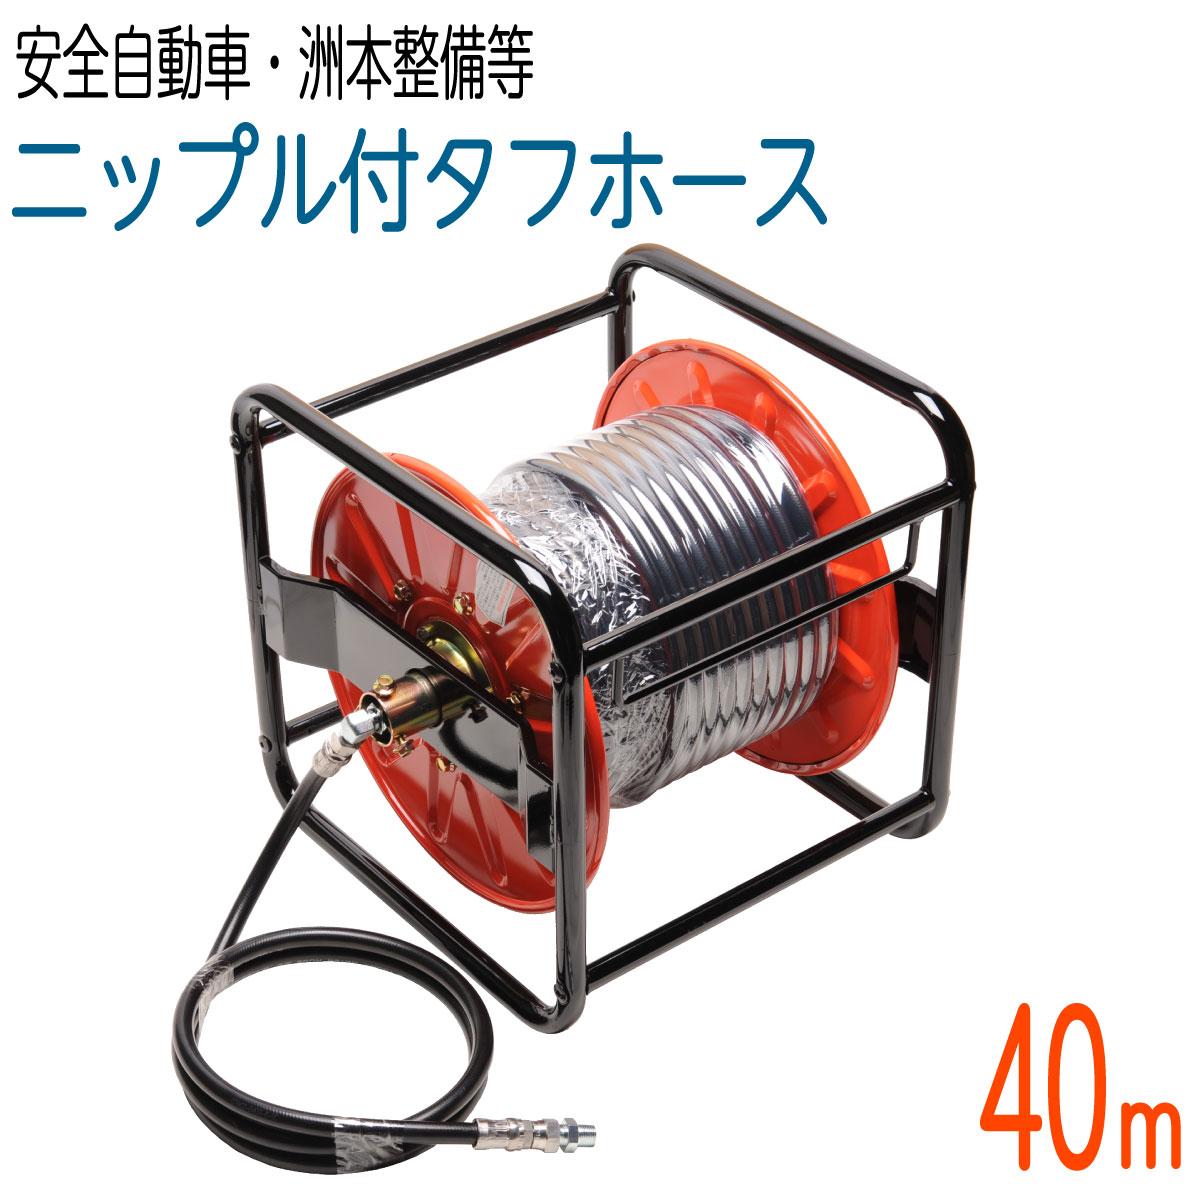 【40Mリール巻き】両端スプリング付 235k 3/8サイズ 高圧洗浄 タフホース(安全自動車・洲本整備機製作所など)